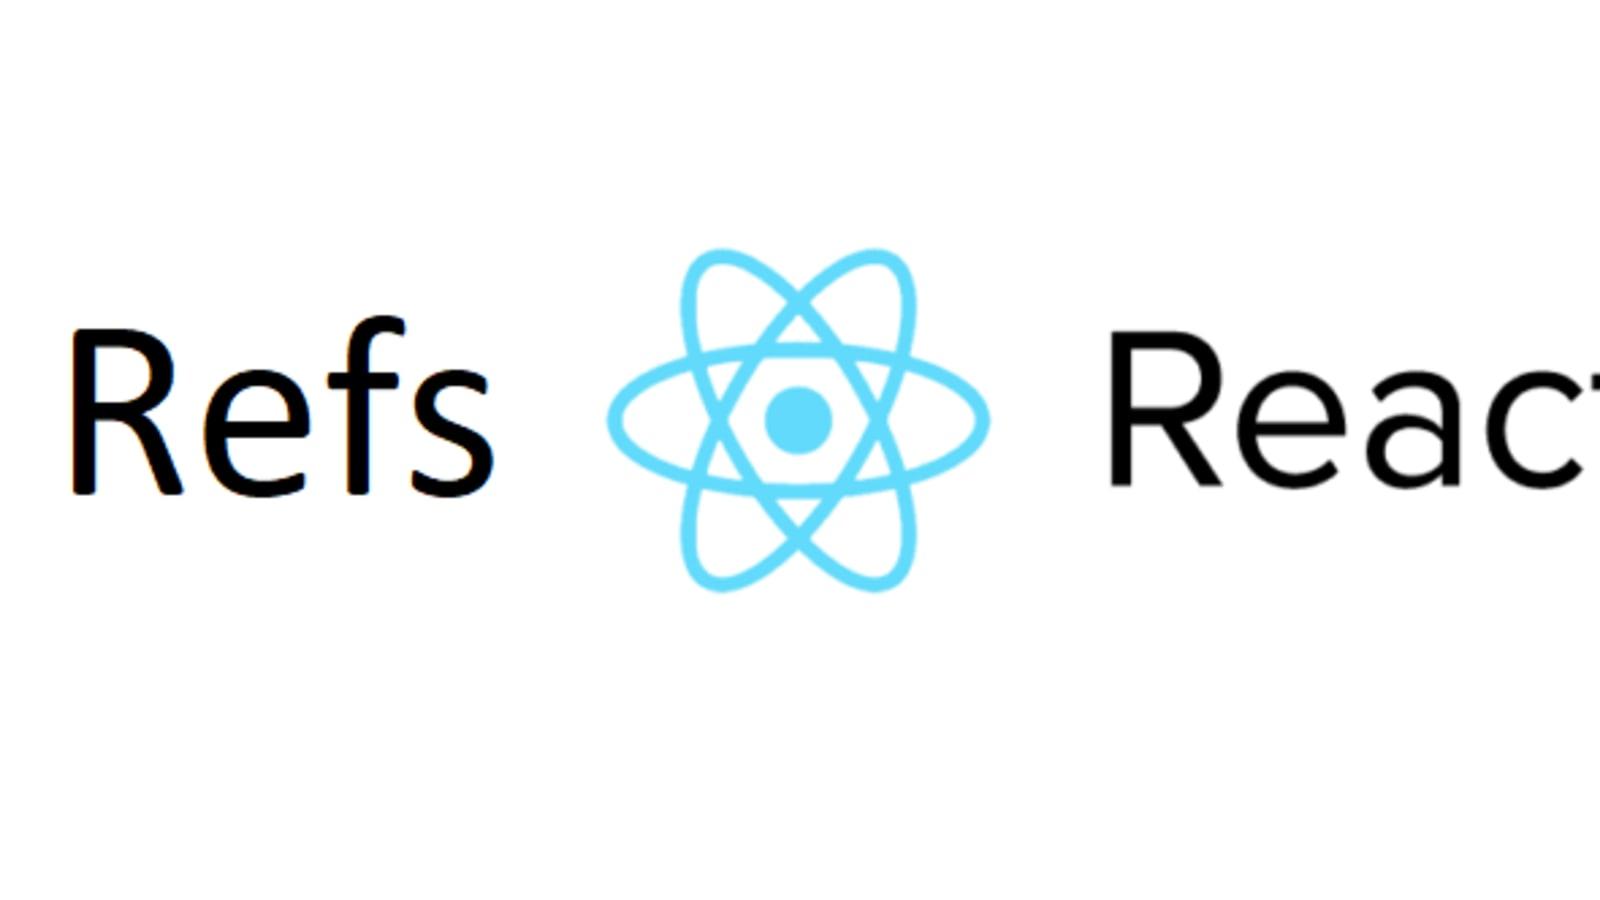 ری اکت رف React Ref  میتواند یک المنت را سلکت کند!